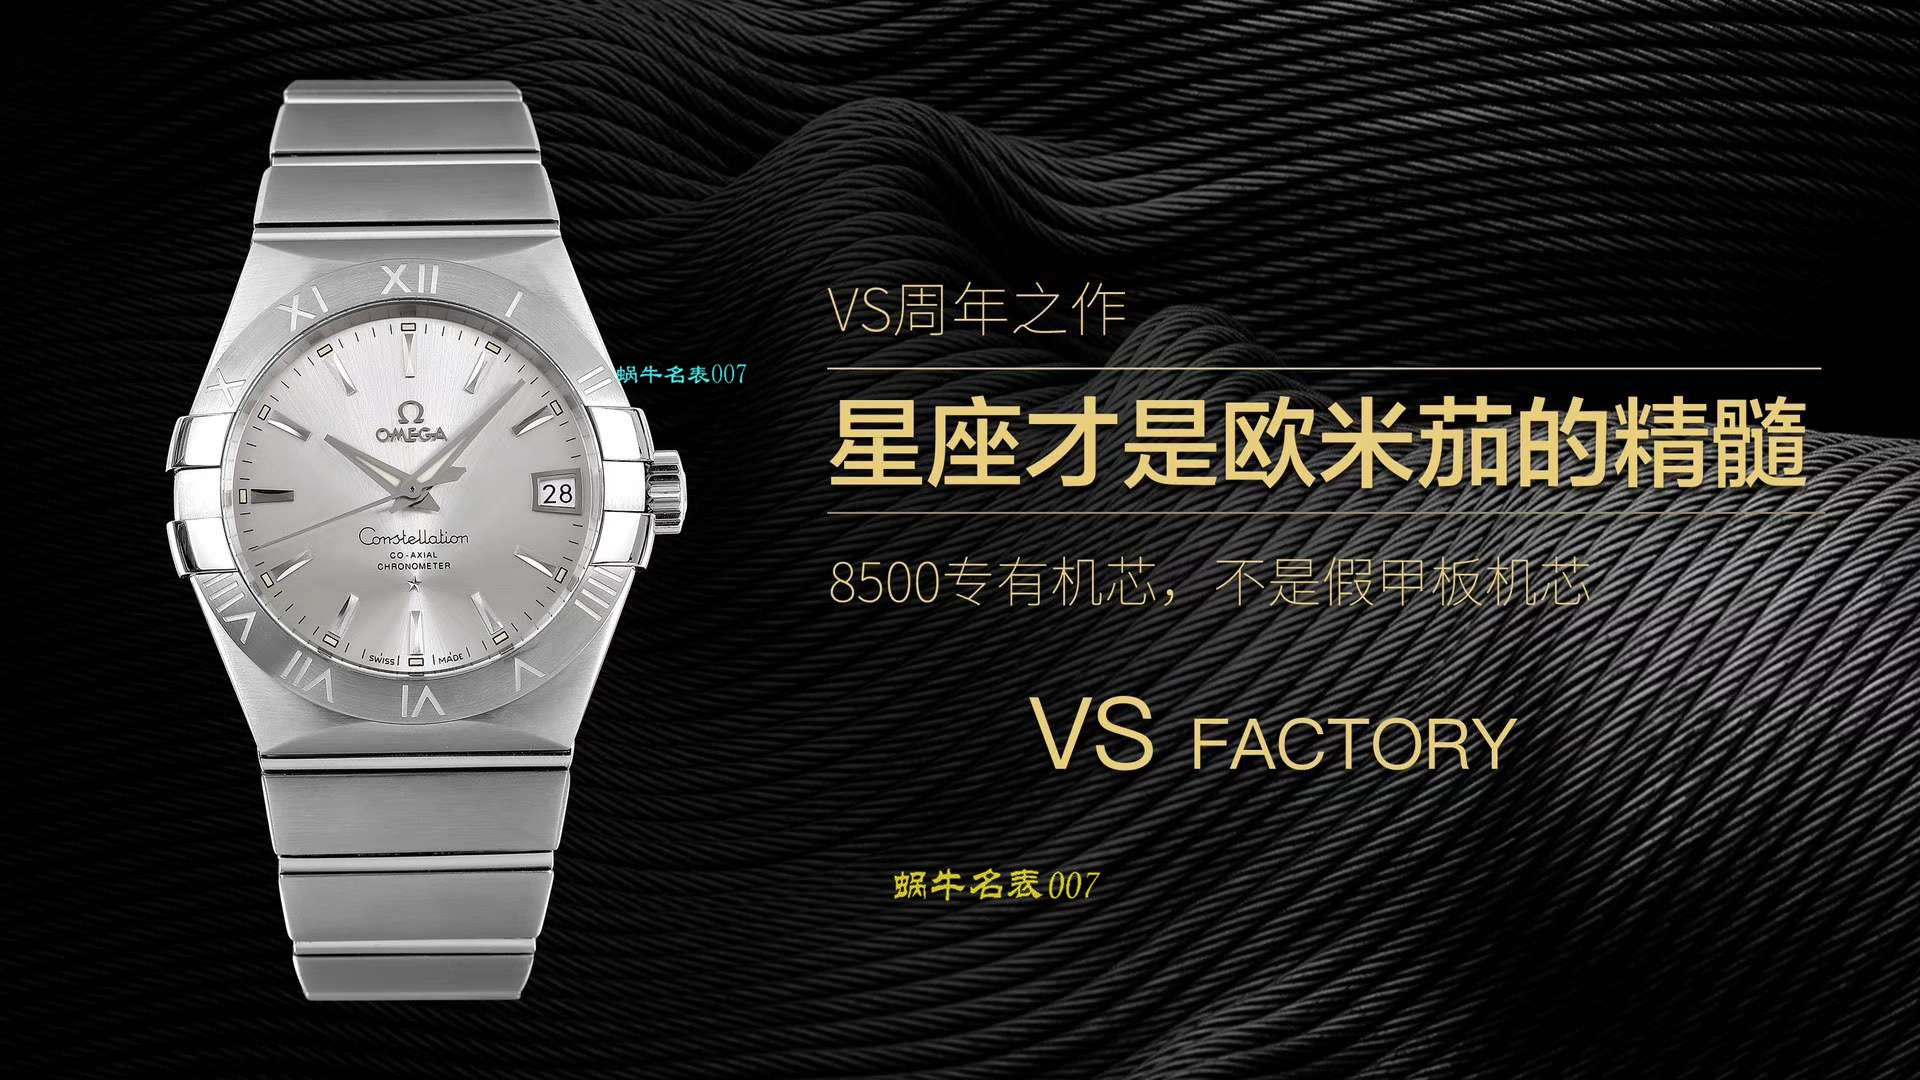 【视频评测VS厂OMEGA周年之作】欧米茄星座系列123.10.38.21.02.001腕表